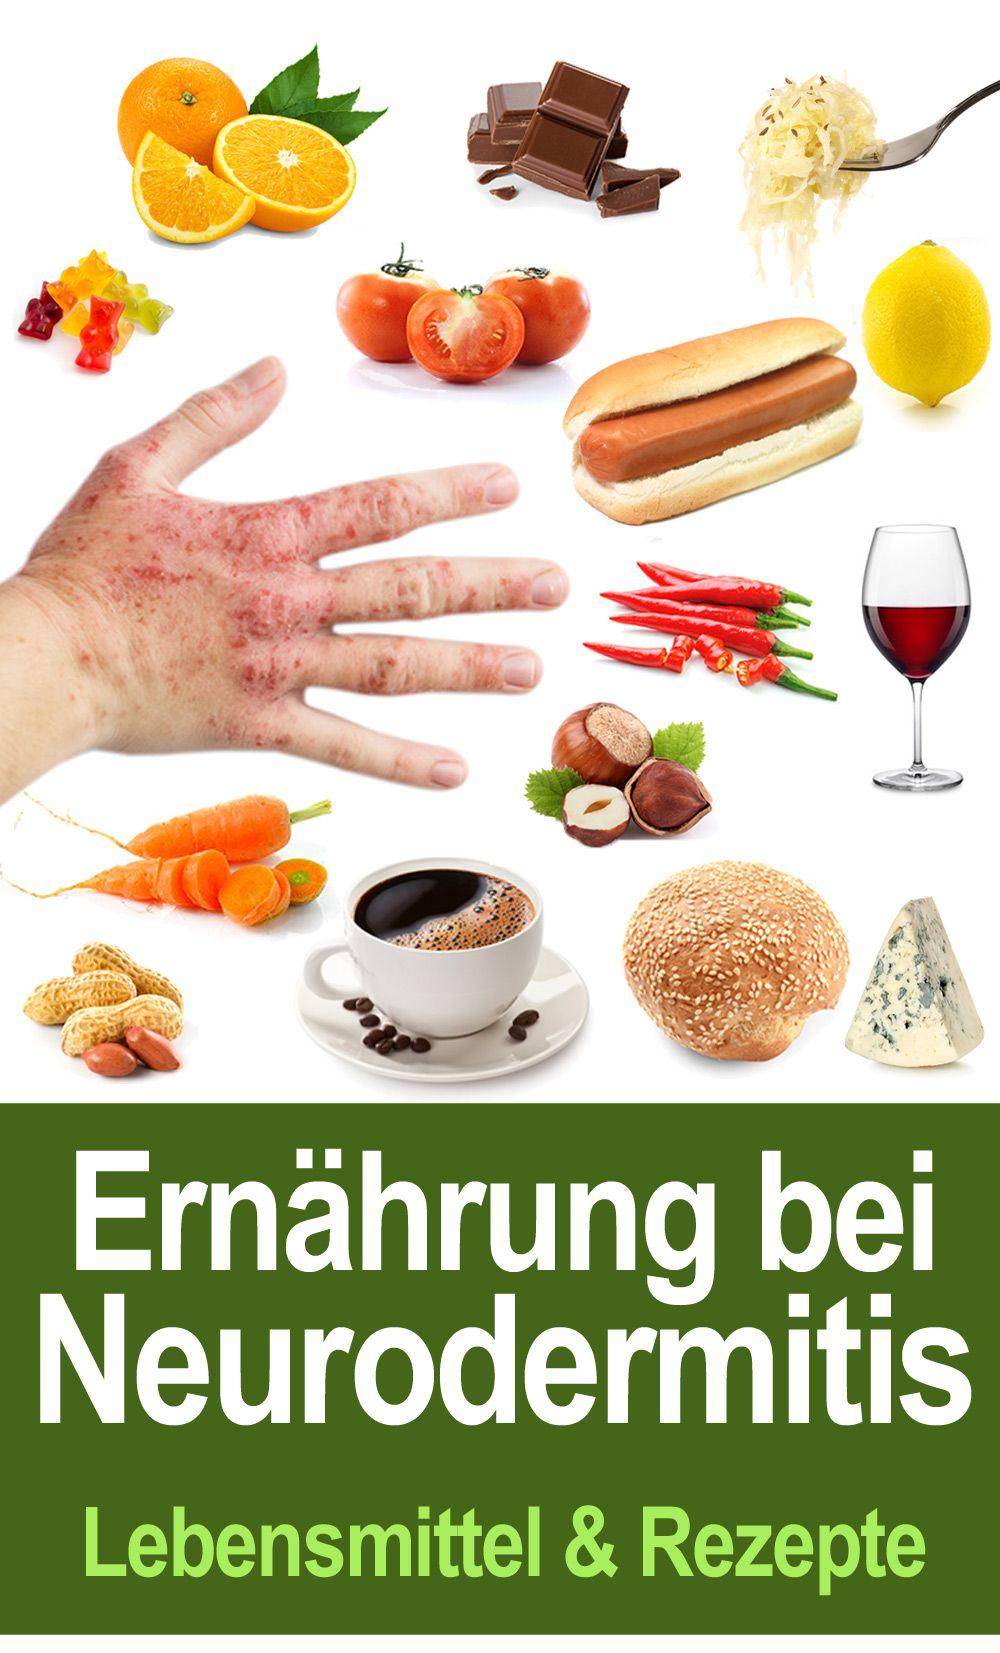 Photo of Neurodermitis Ernährung